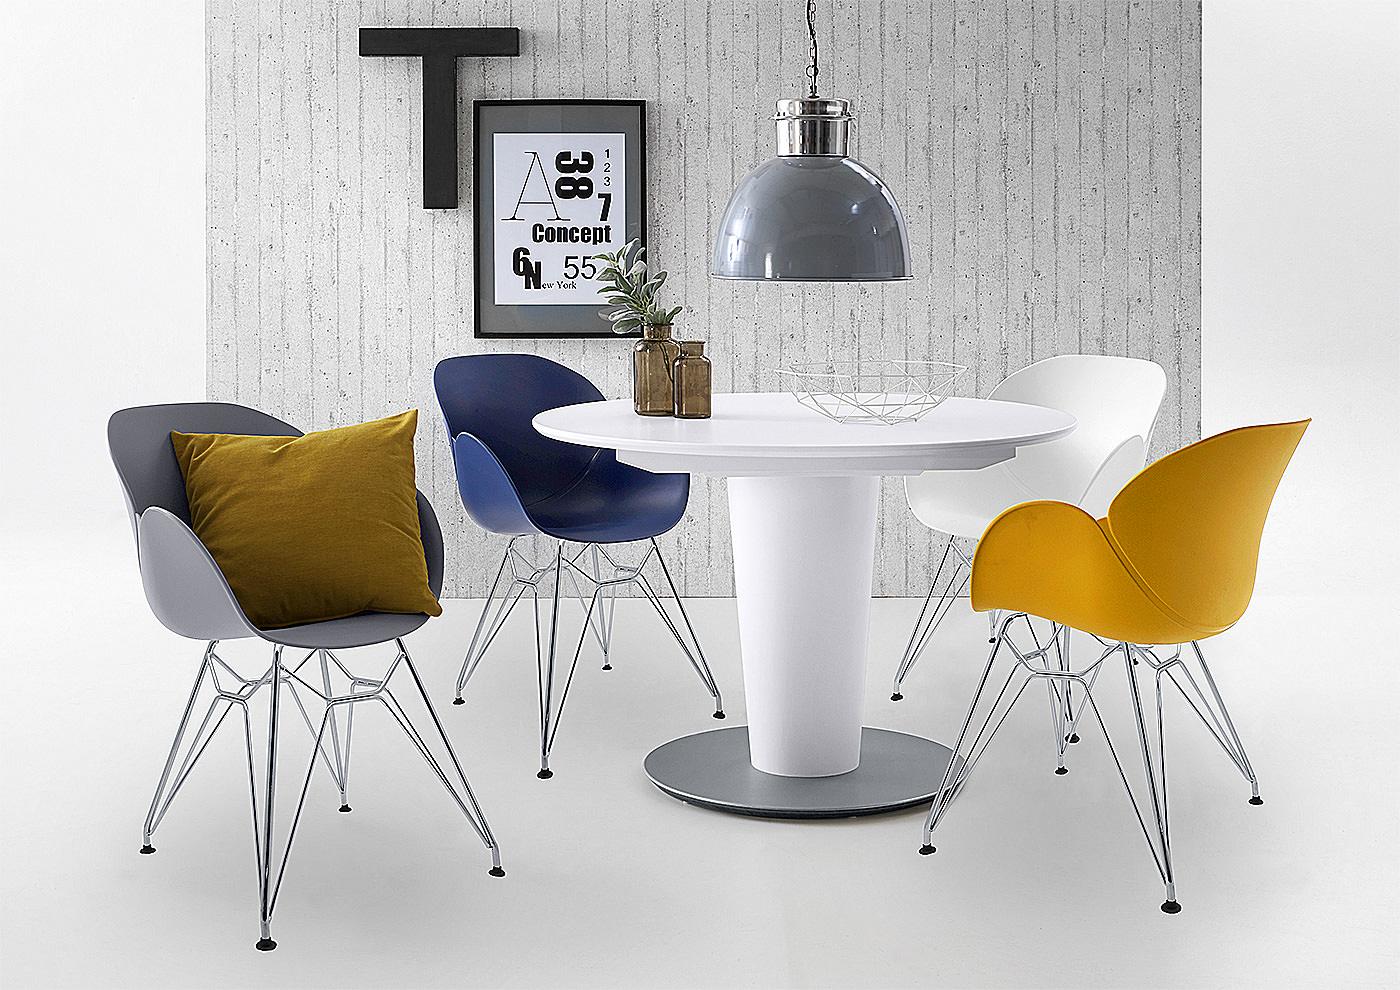 dining sch ner genie en mit k chen keie. Black Bedroom Furniture Sets. Home Design Ideas